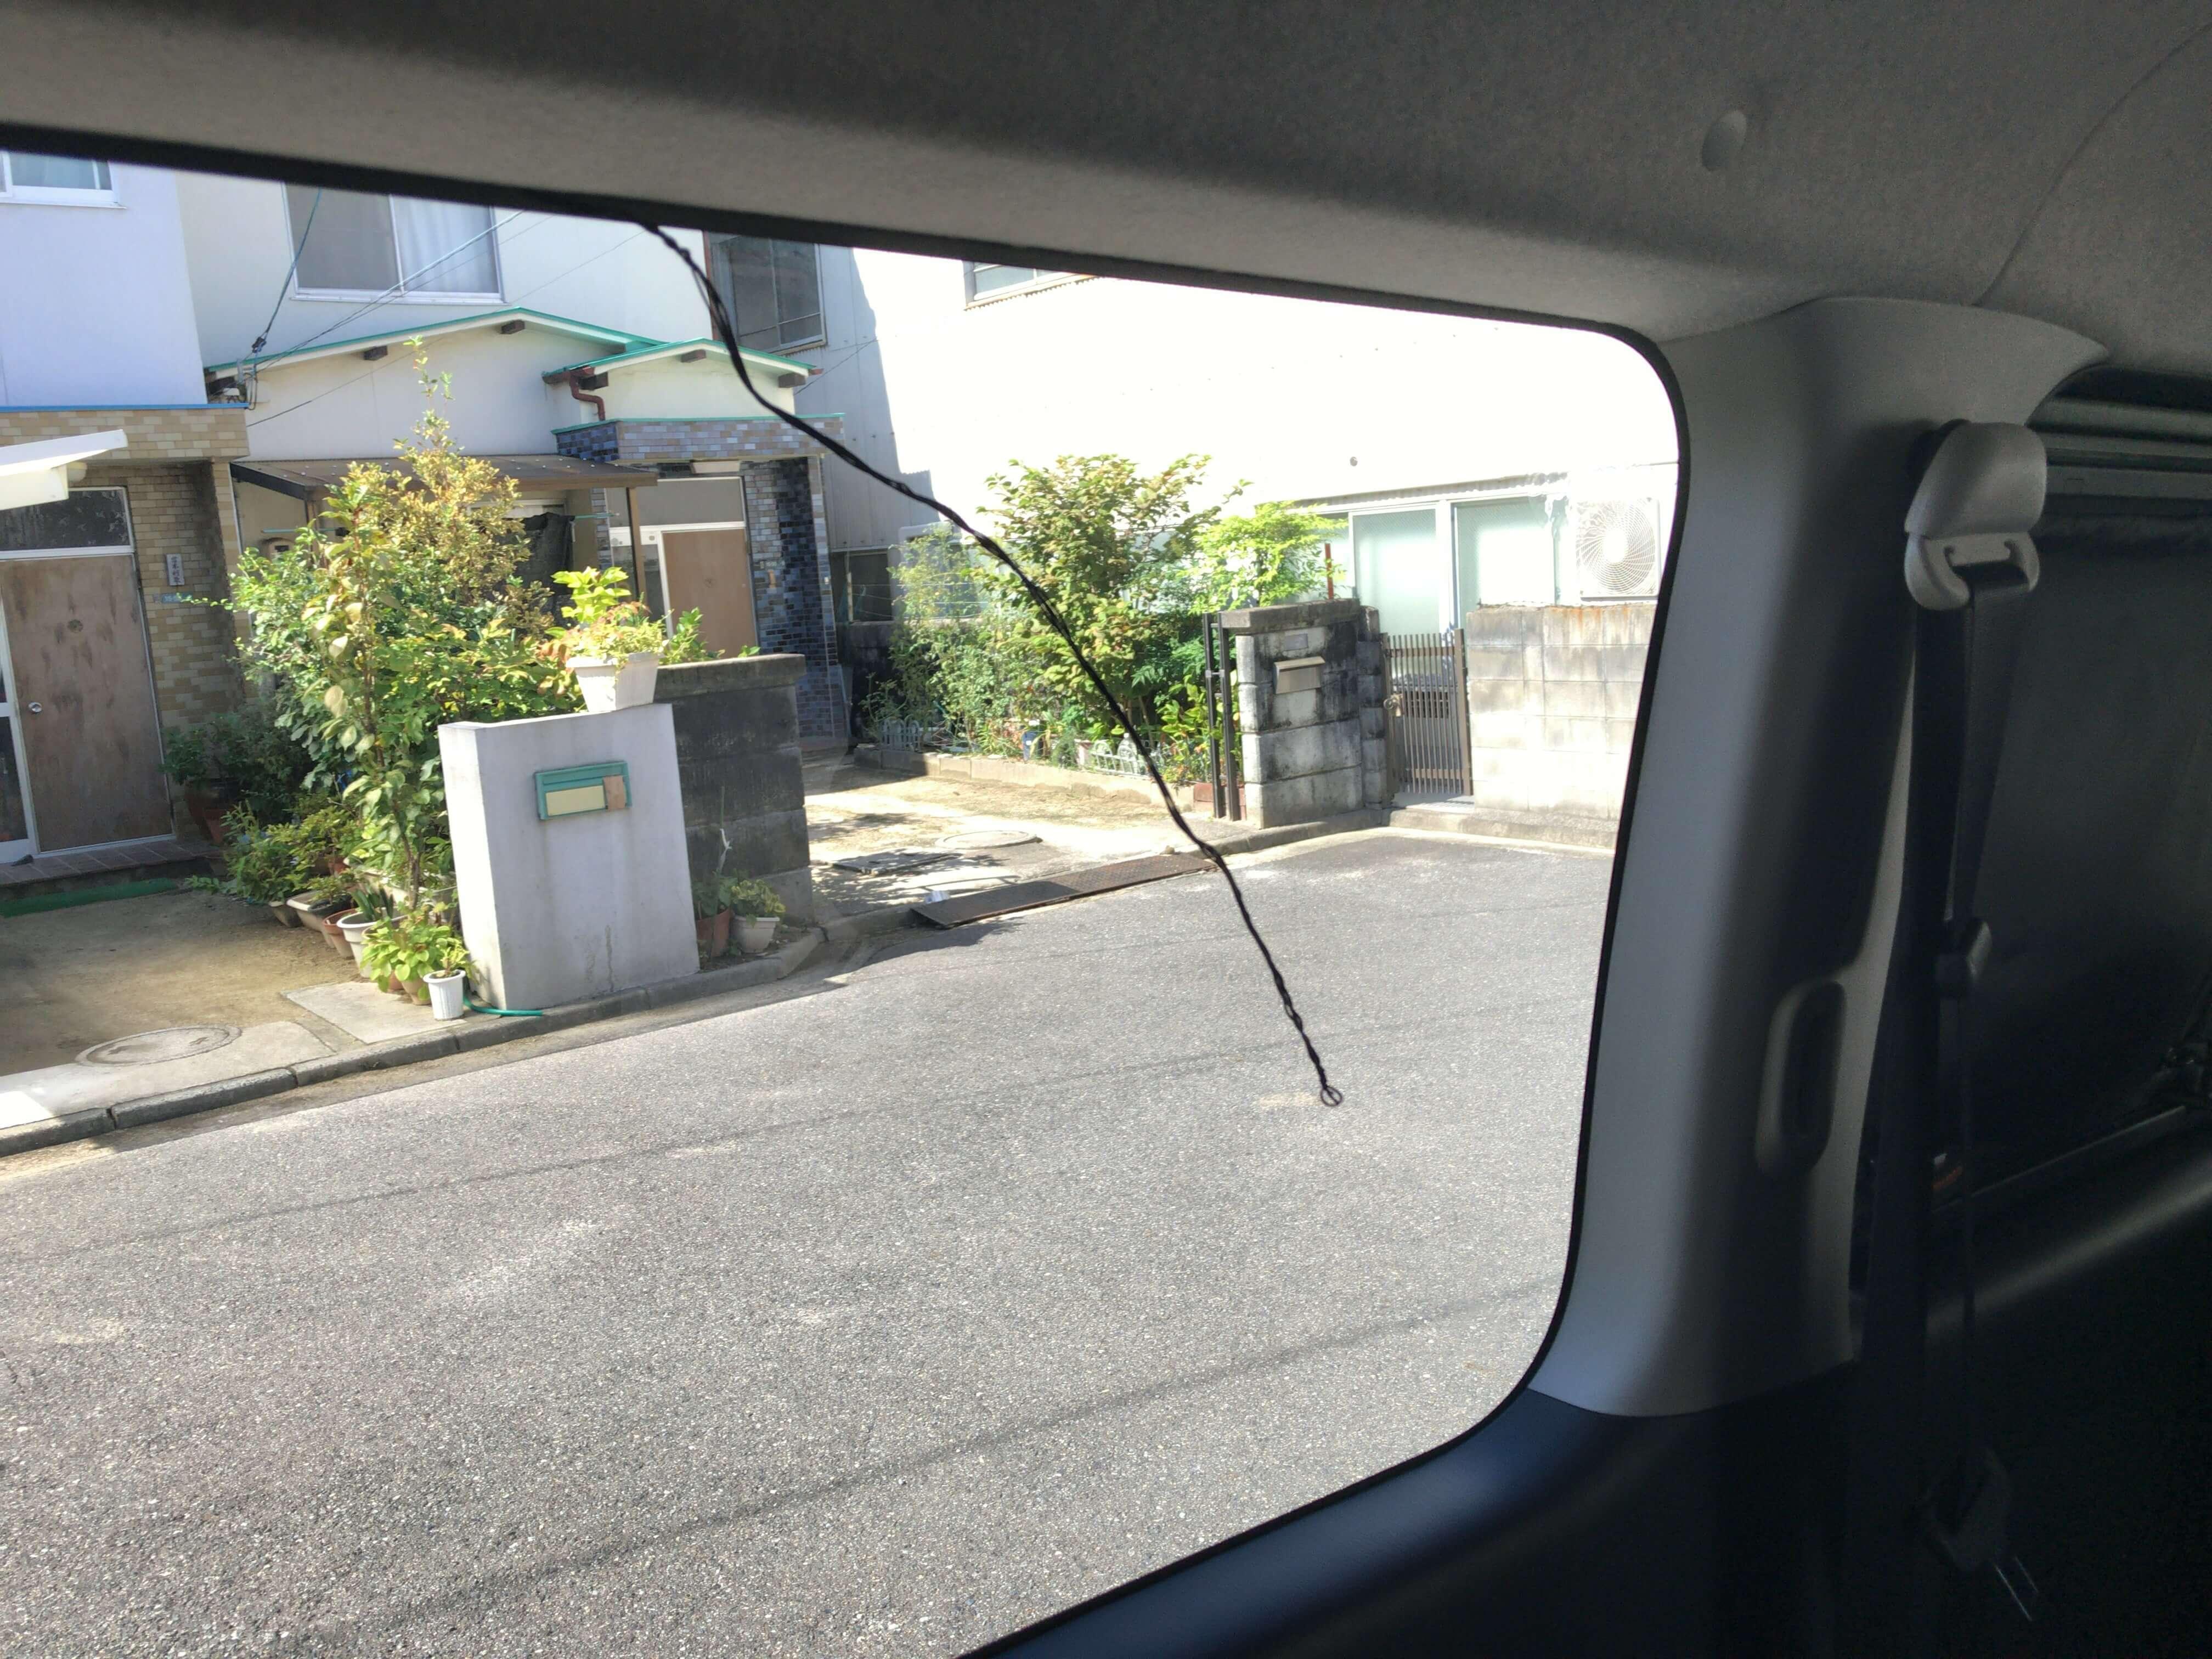 リア左側の窓の隙間からケーブル先に着けた針金が出てくる